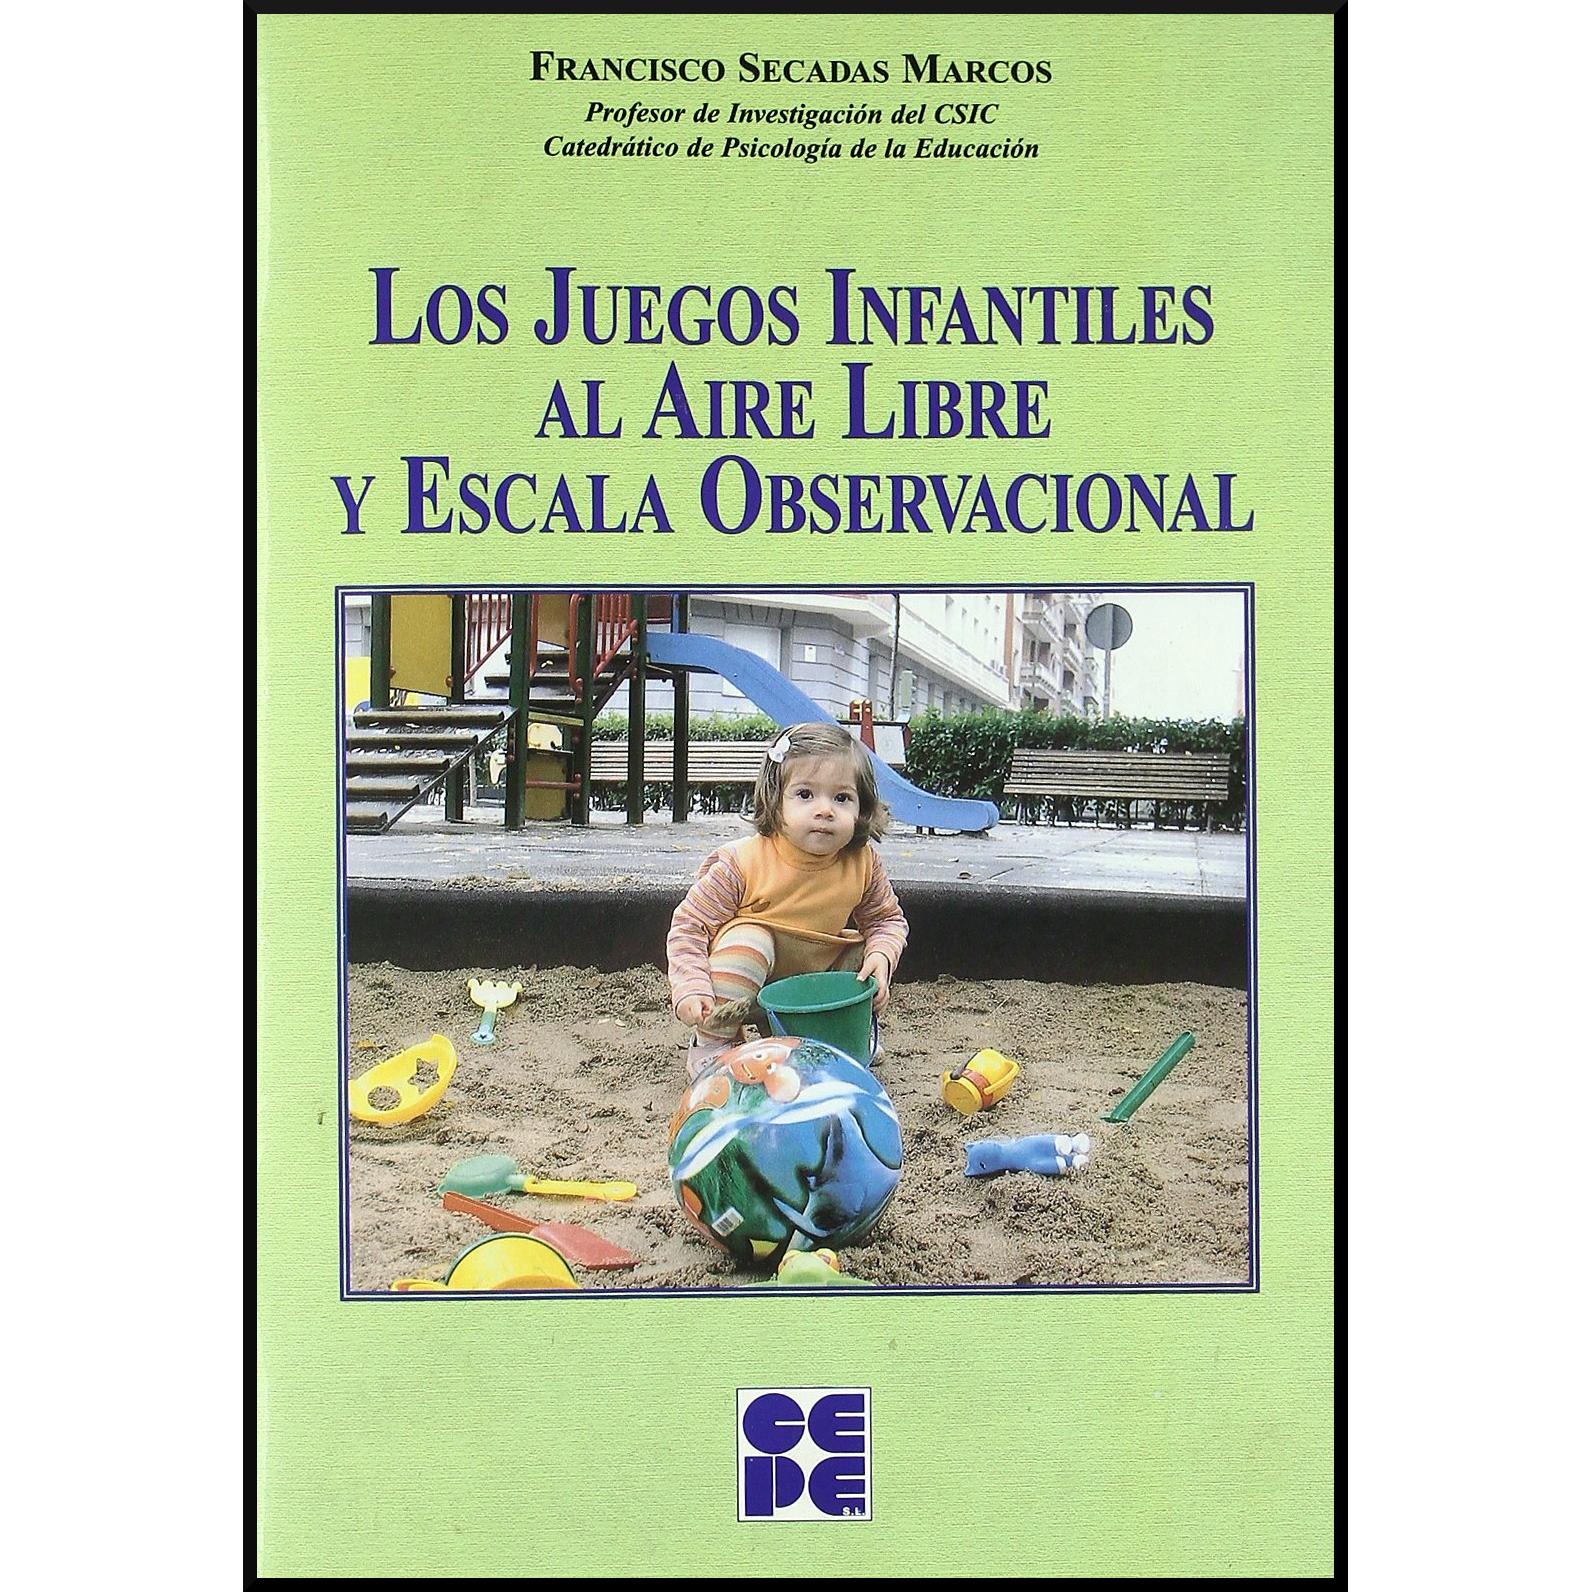 Los juegos infantiles al aire libre y escala observacional 978-84-7869-468-6